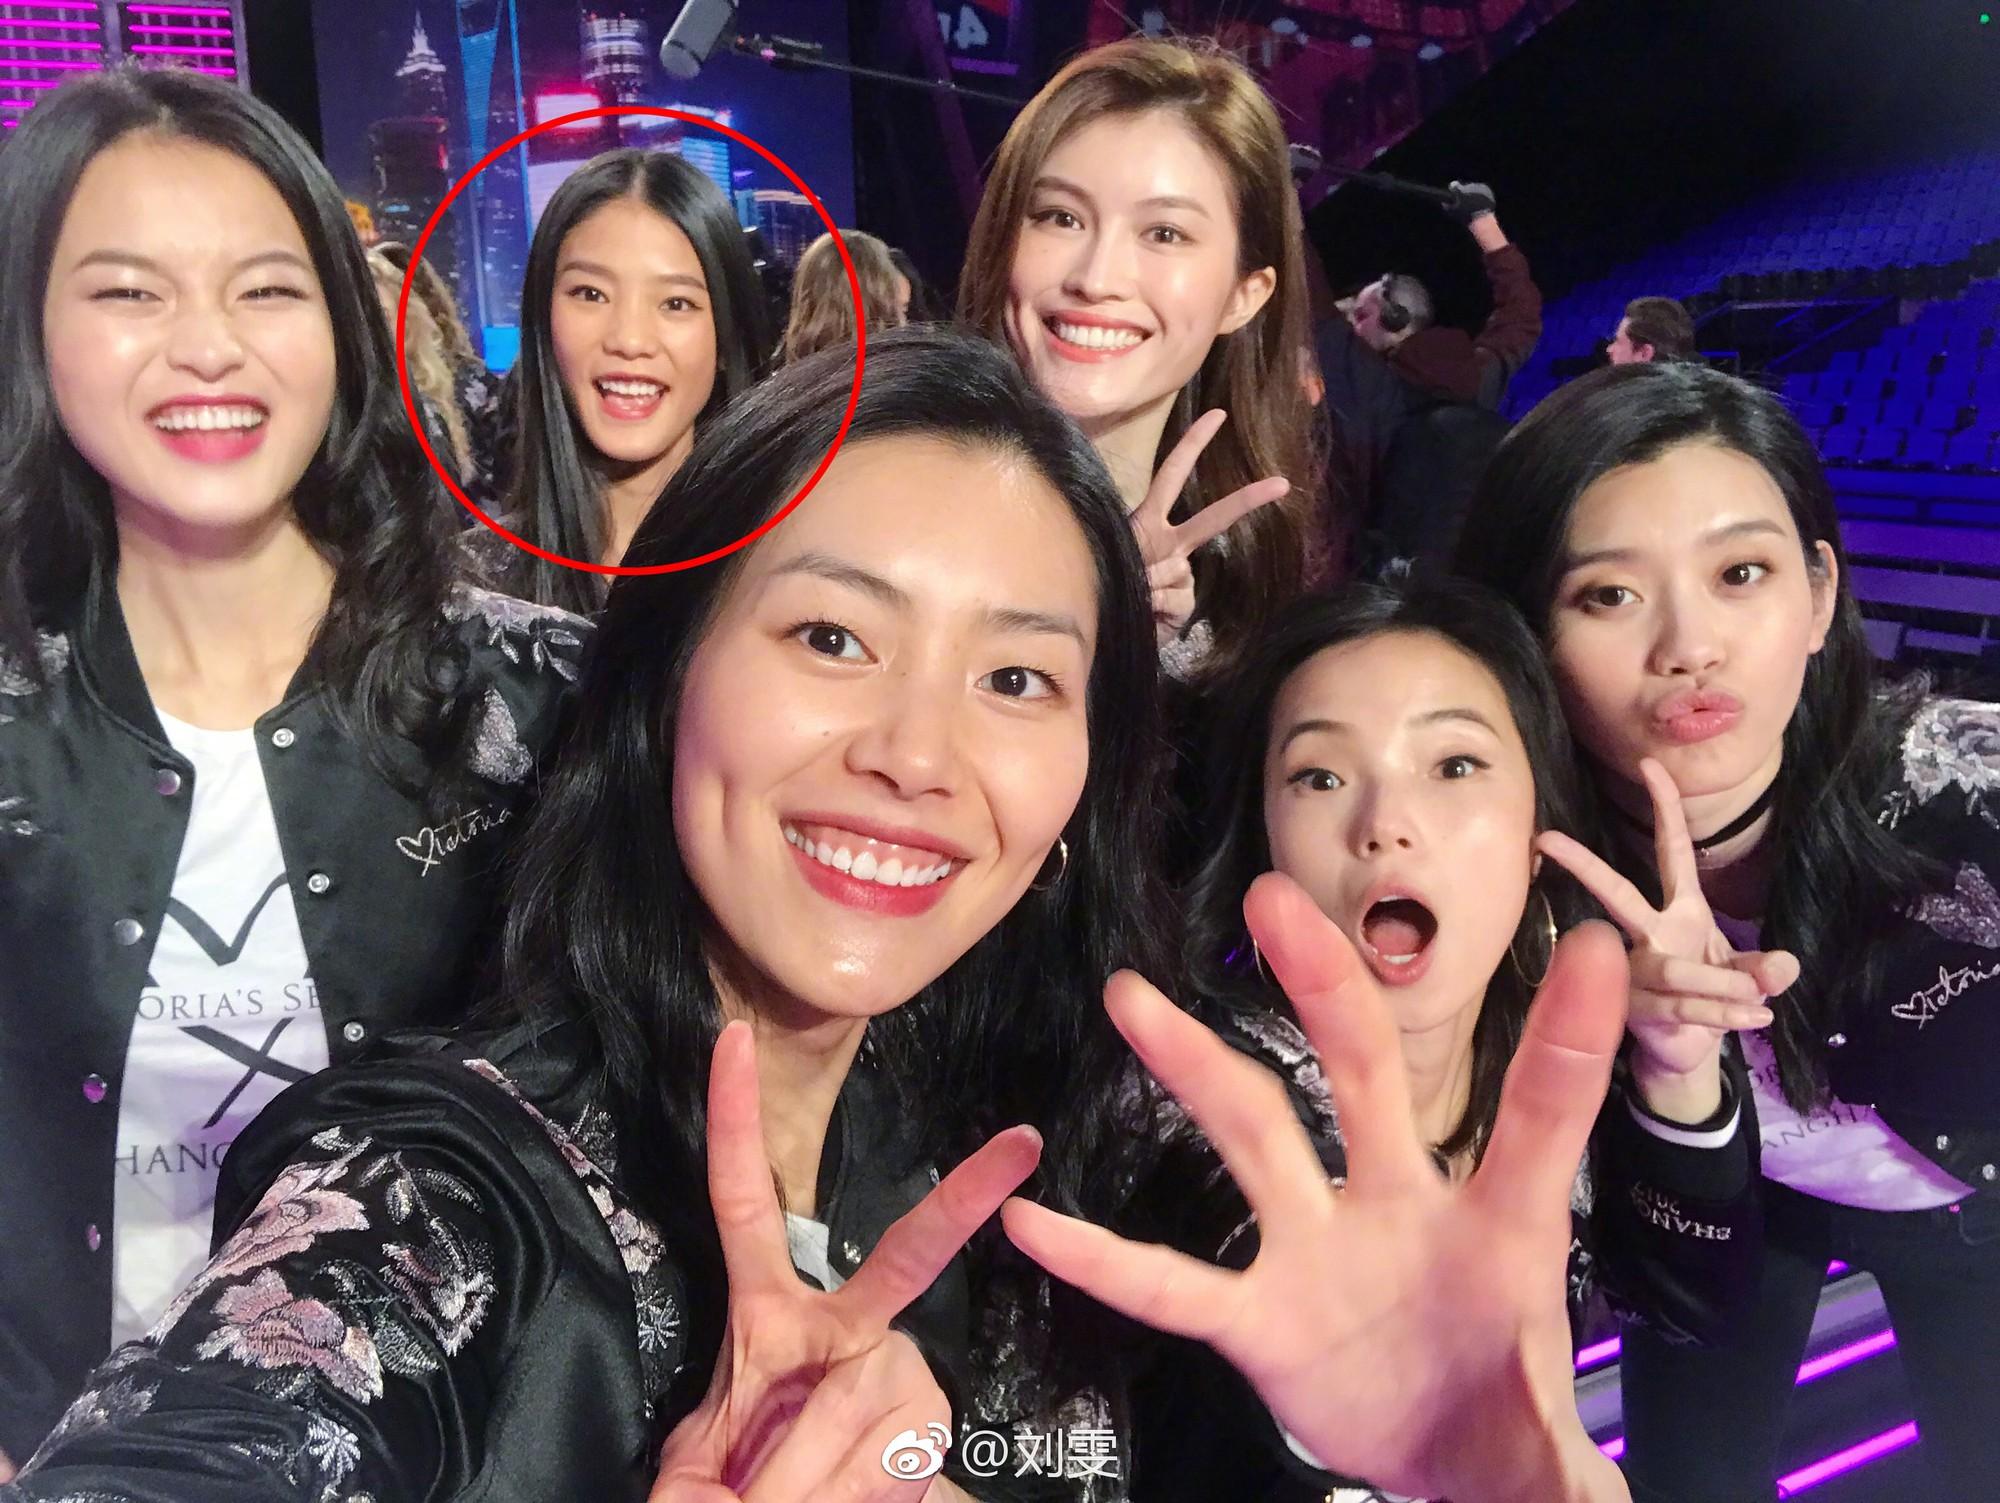 Đây là cô gái Trung Quốc may mắn diễn Victorias Secret với Candice Swanepoel, Liu Wen...! - Ảnh 3.